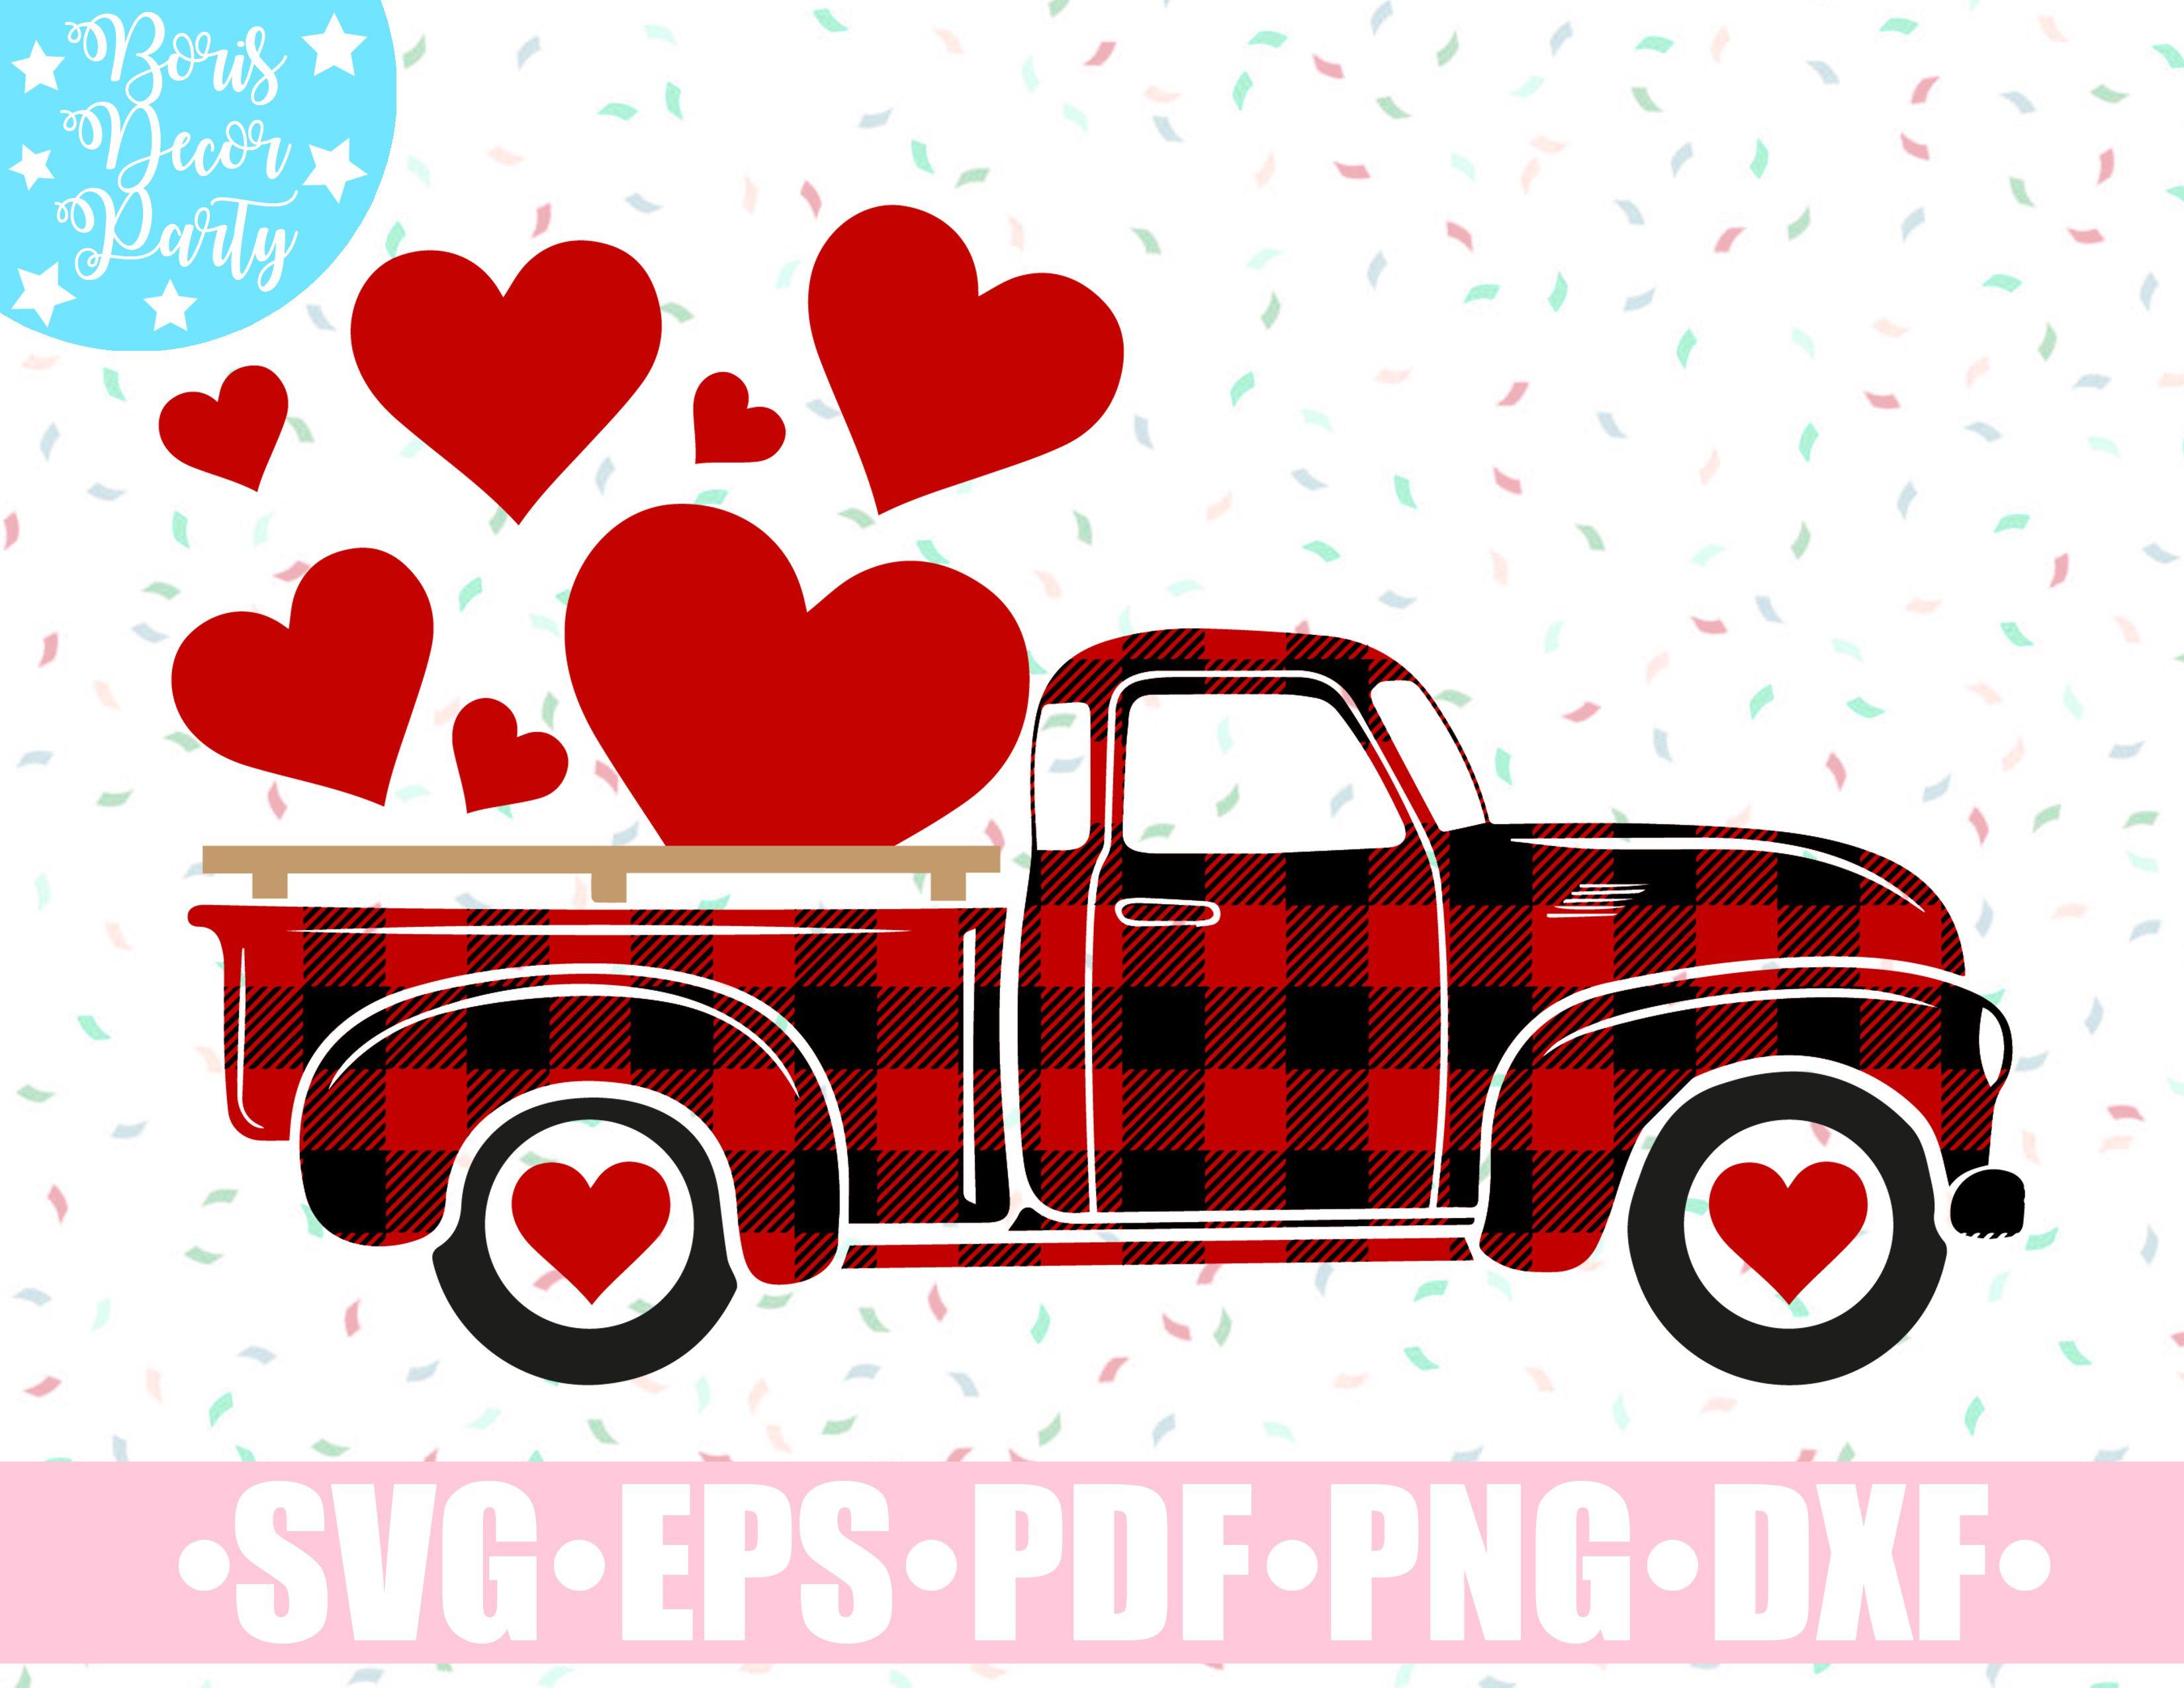 Valentines svg Cutting File svg Valentines Truck svg,Valentine/'s Day png eps Conversation Hearts Stickers,Valentines Vintage Truck